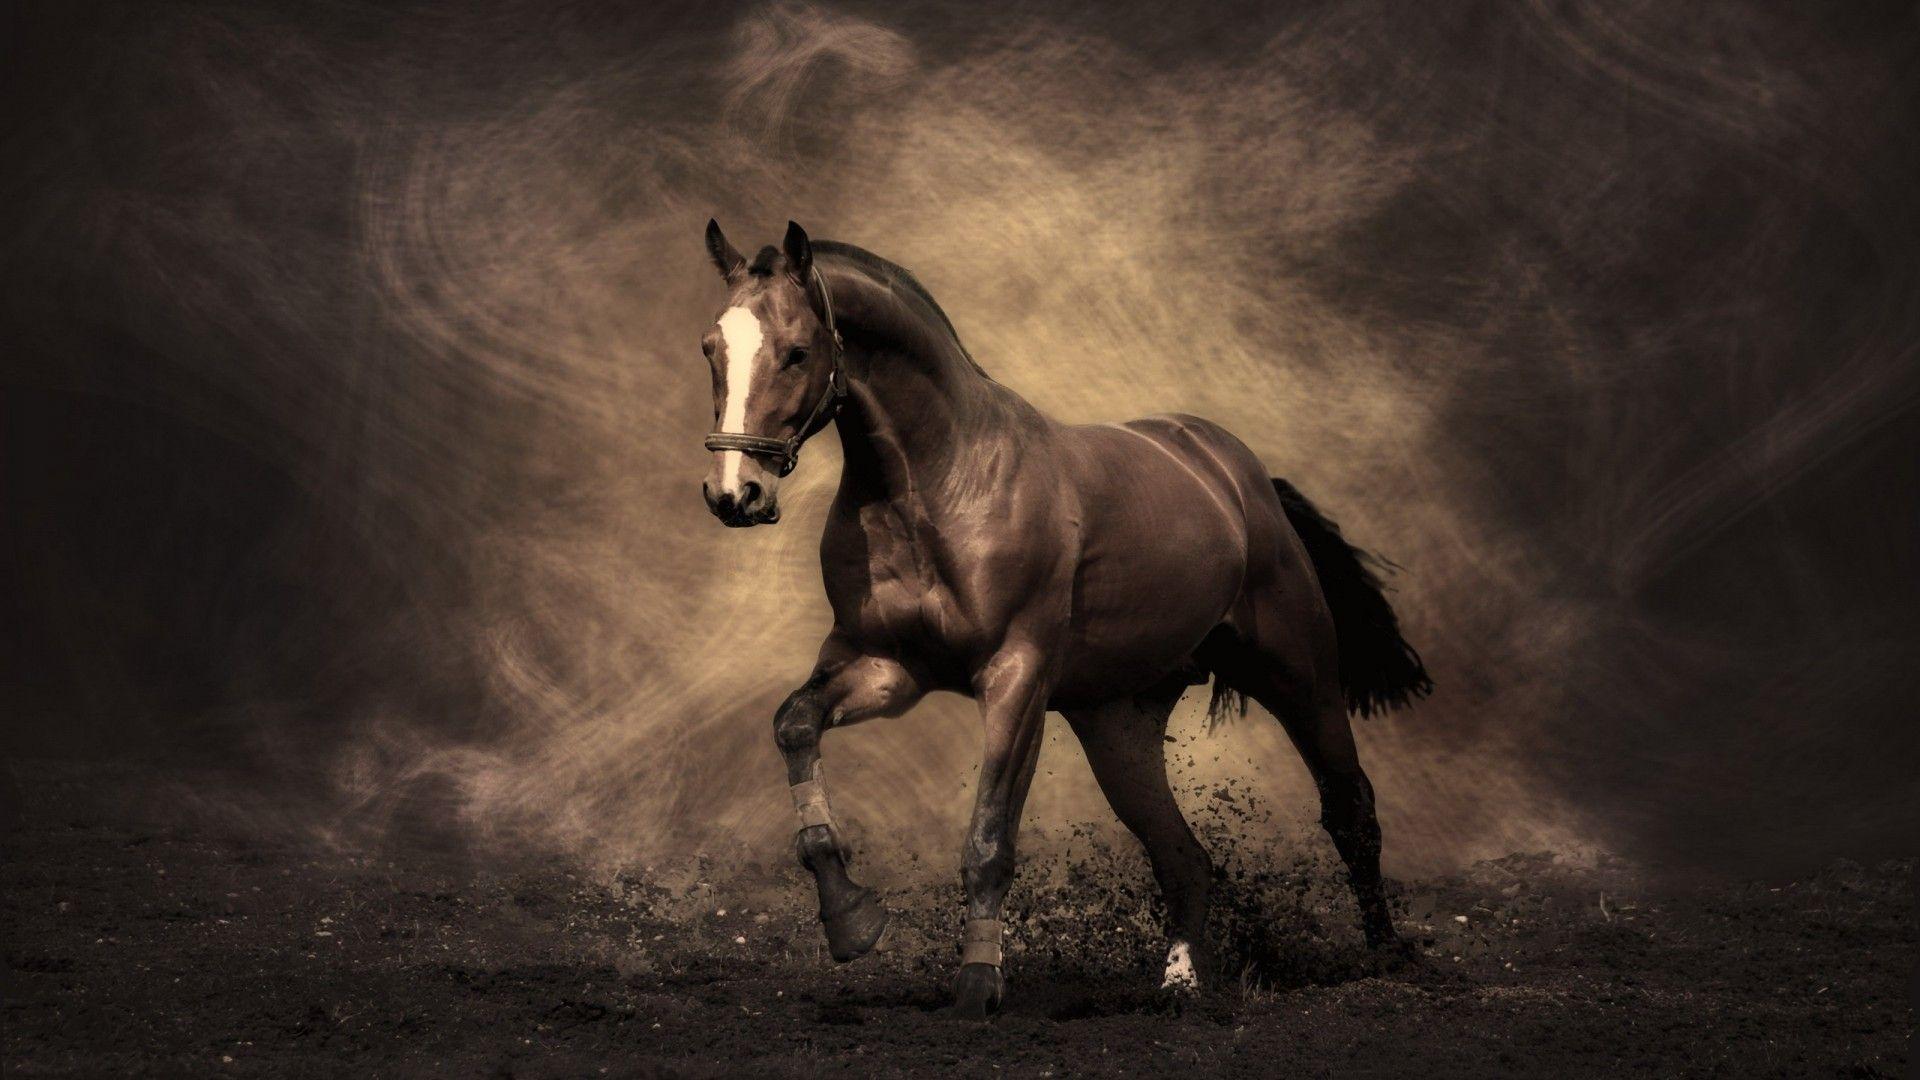 Black Horse Desktop Wallpapers 1920x1080